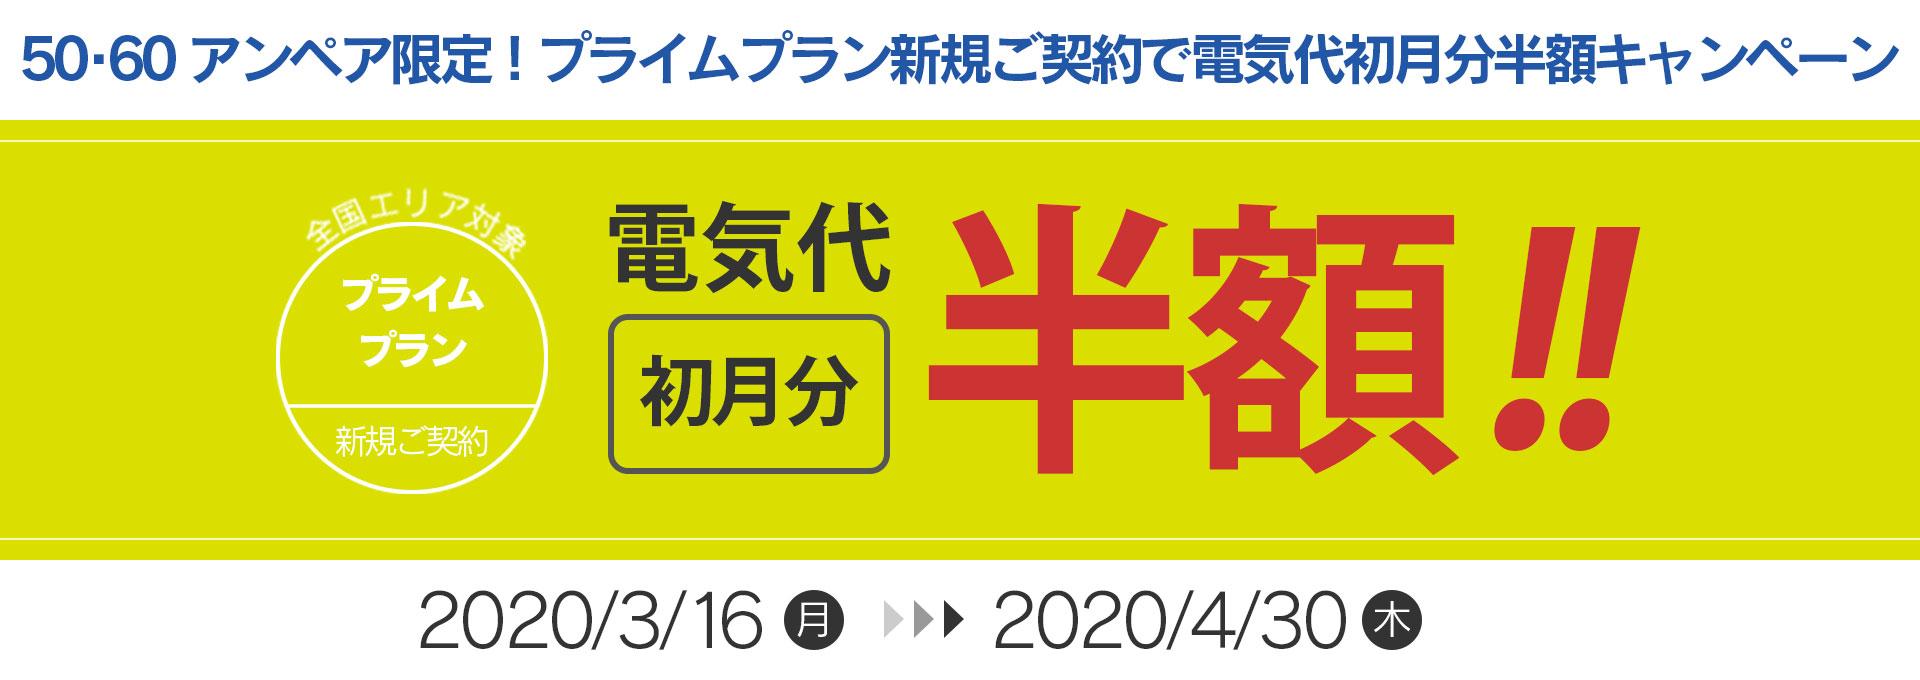 HTBエナジー50・60アンペア限定!プライムプラン新規契約で電気代初月分半額キャンペーン